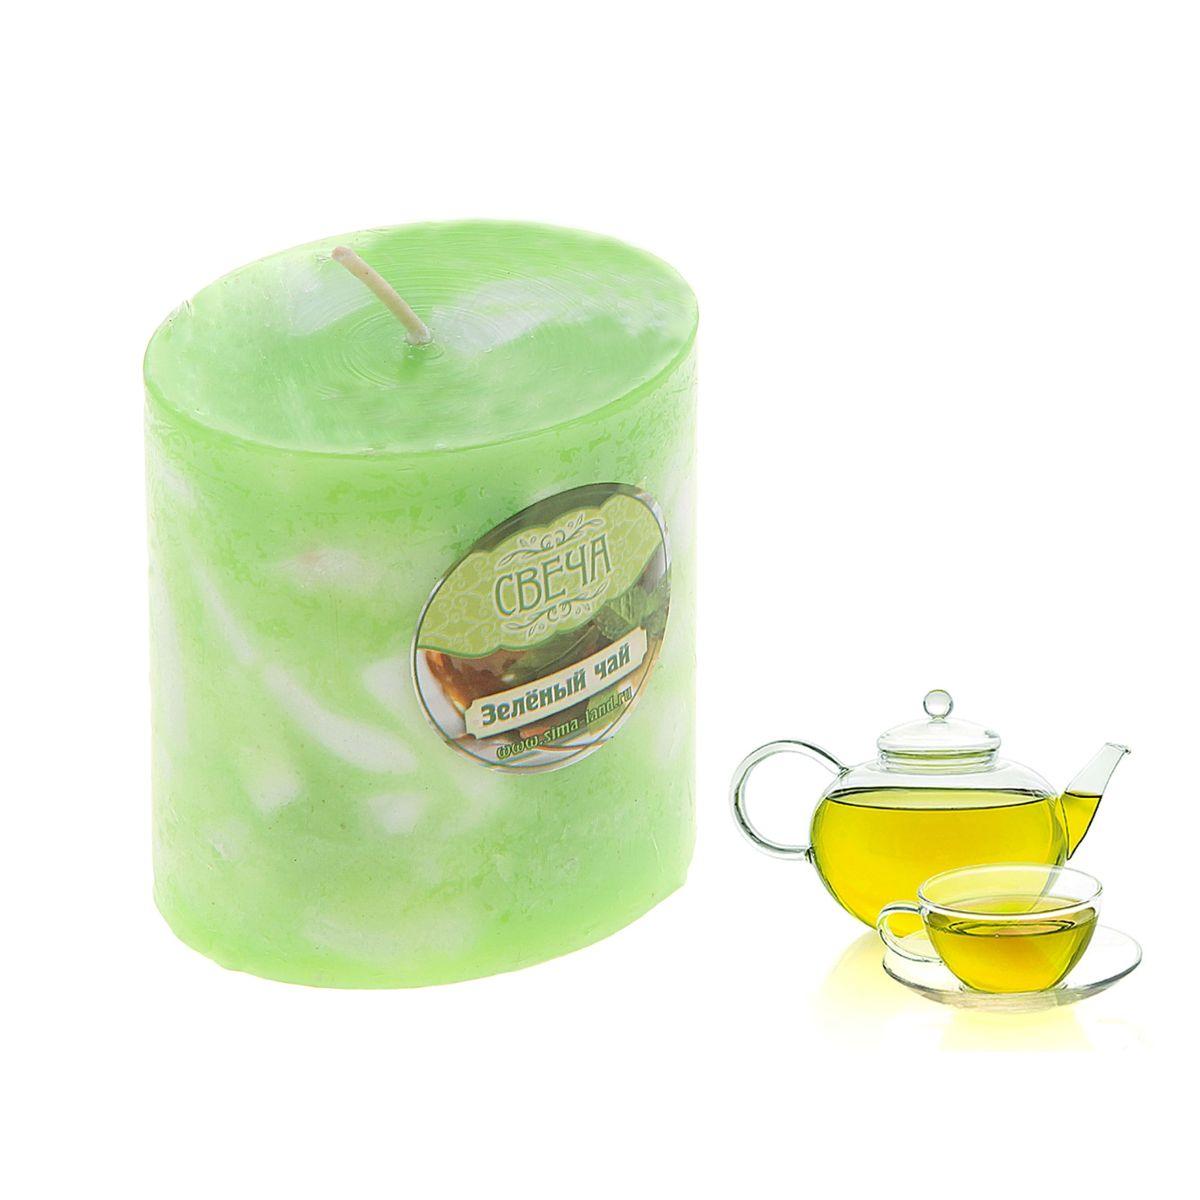 Свеча ароматизированная Sima-land Слияние, с ароматом зеленого чая, цвет: салатовый, белый, высота 7 см свеча ароматизированная sima land океан высота 4 см